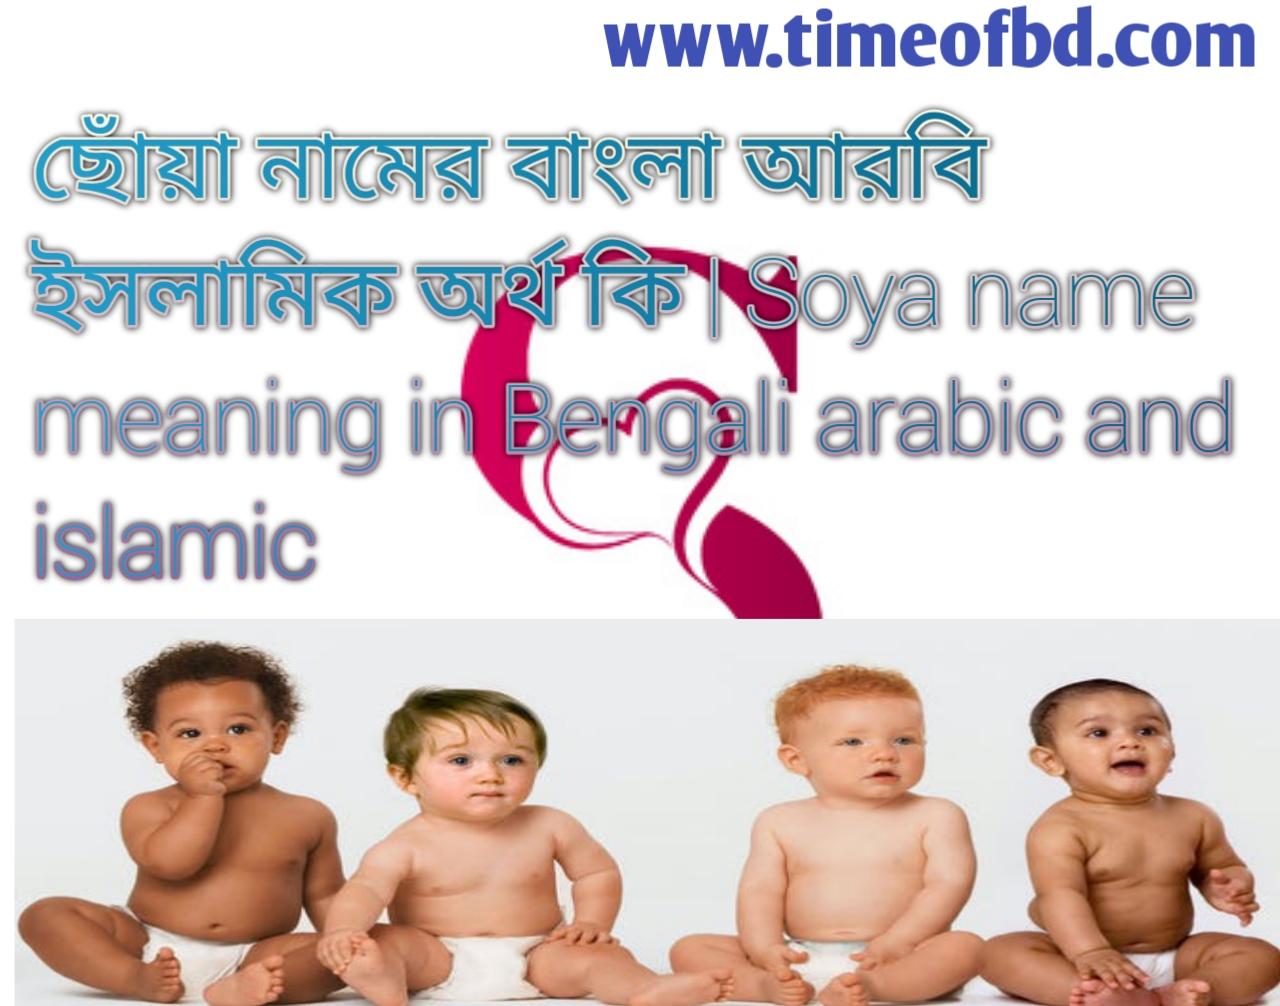 ছোঁয়া নামের অর্থ কি, ছোঁয়া নামের বাংলা অর্থ কি, ছোঁয়া নামের ইসলামিক অর্থ কি, Soya name meaning in Bengali, ছোঁয়া কি ইসলামিক নাম,